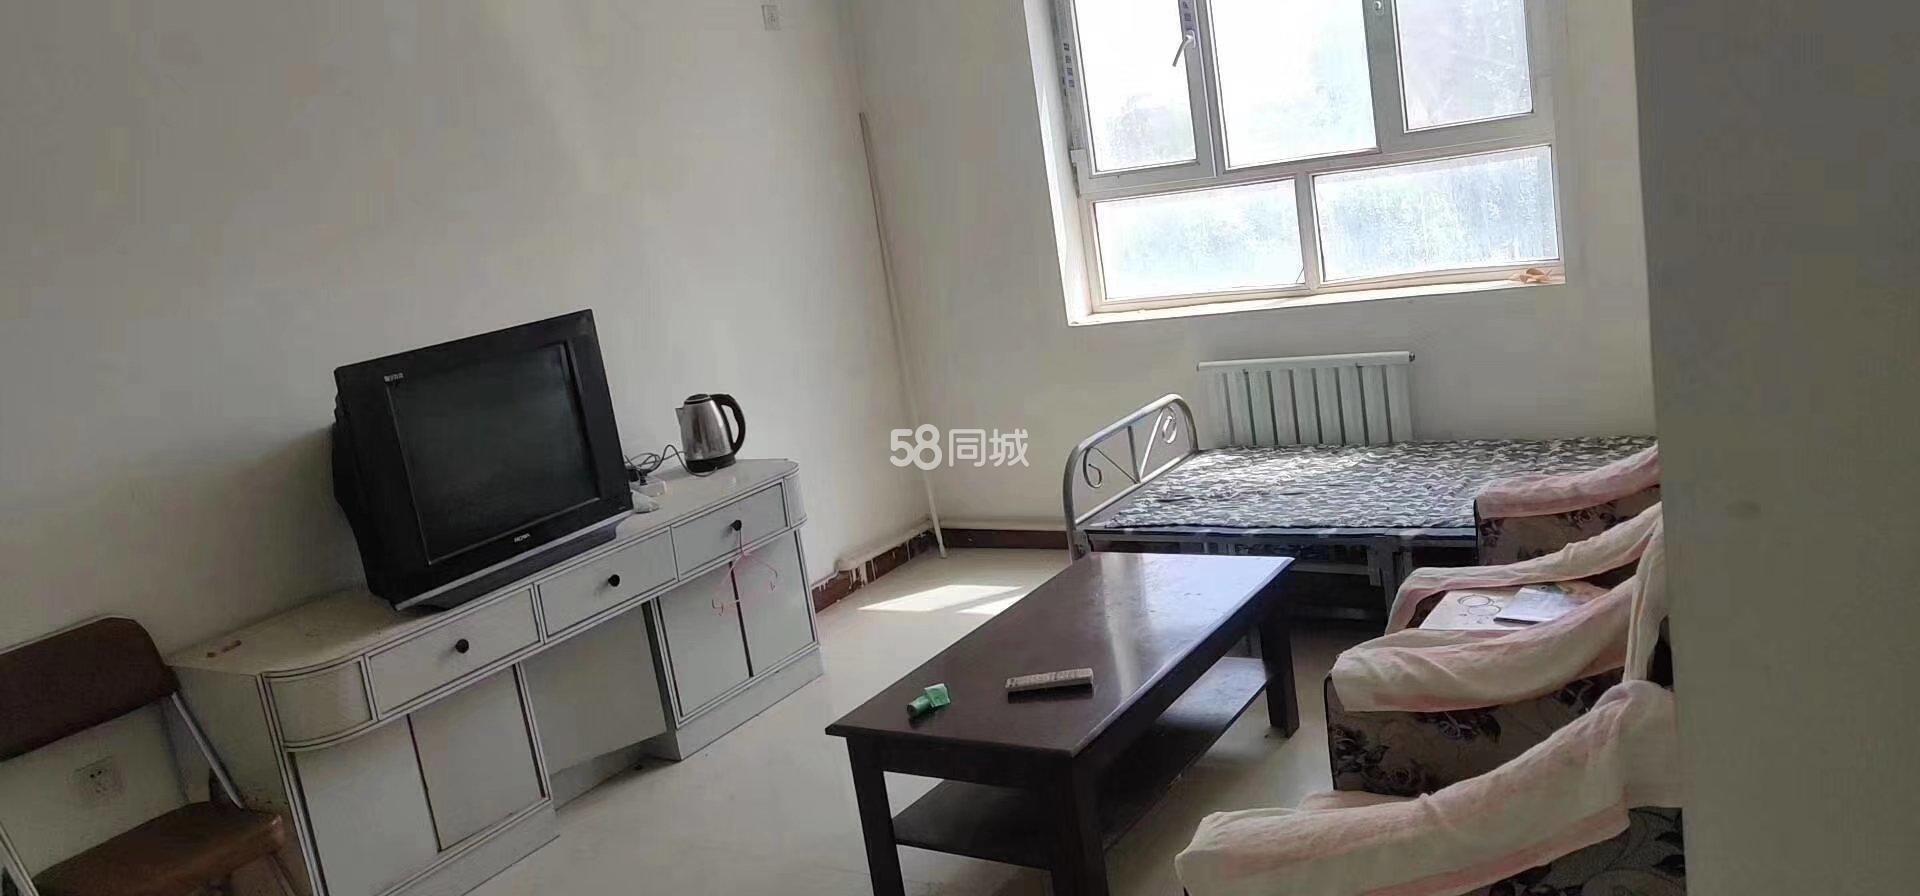 威尼斯人游戏平台大道1室1厅1卫